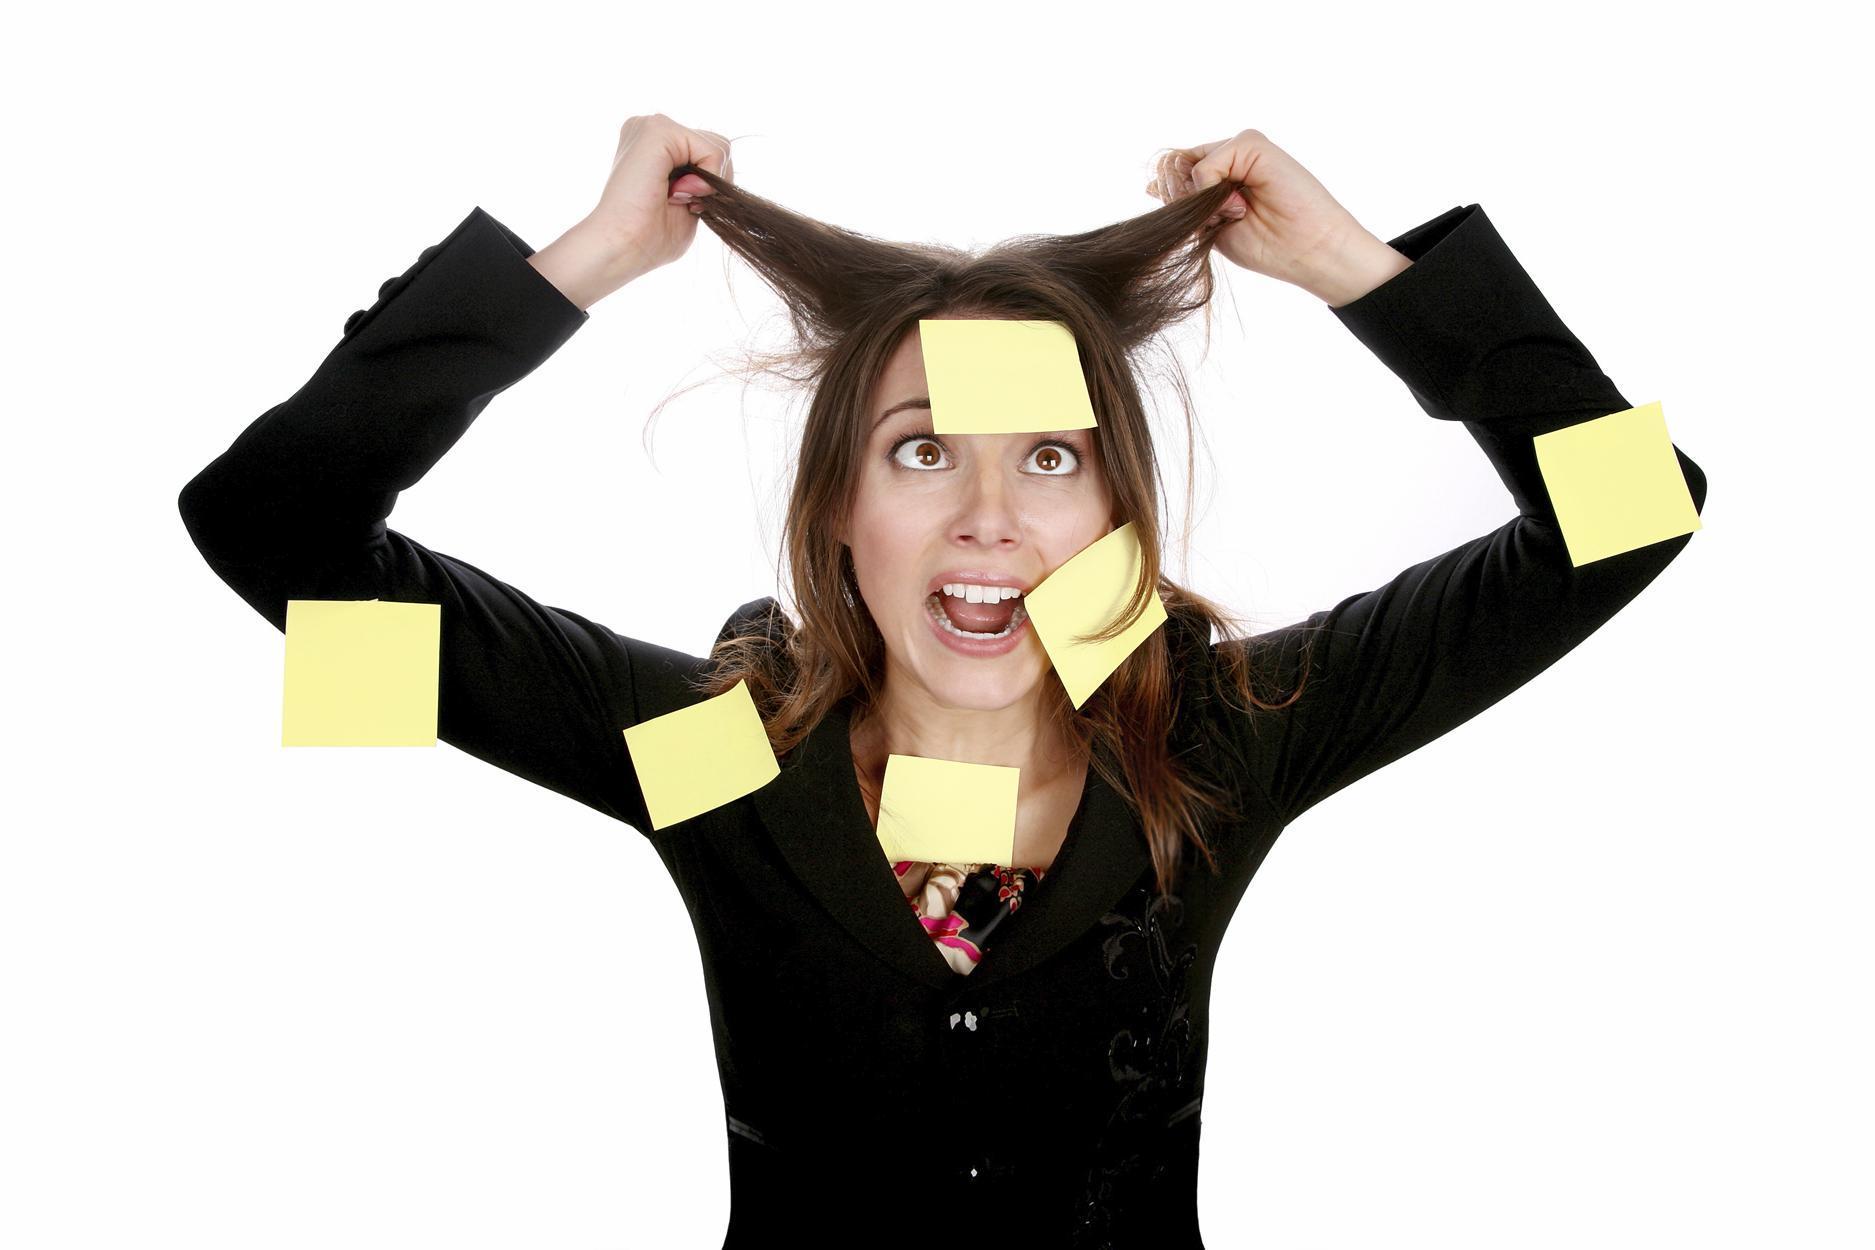 Os Efeitos do Estresse Sobre o Corpo